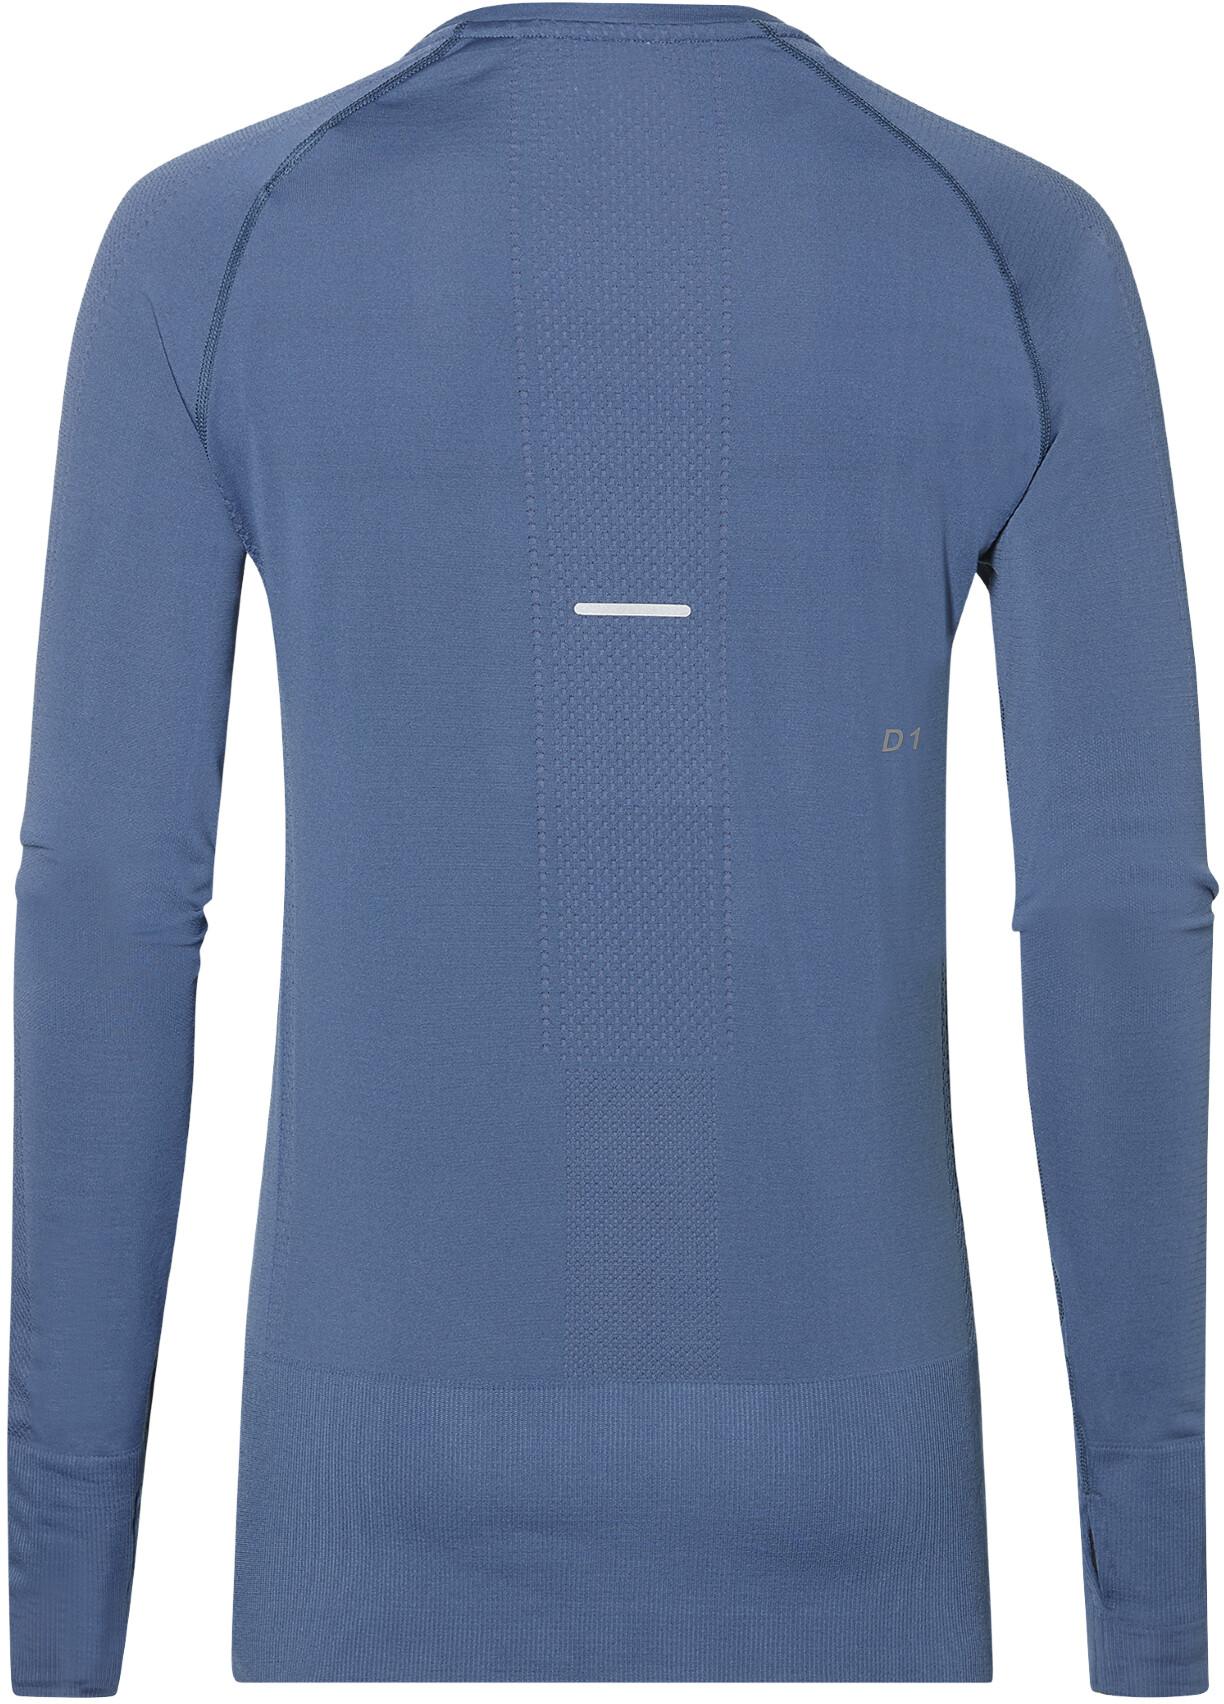 4b0412a8cac asics Seamless - T-shirt manches longues running Femme - bleu ...